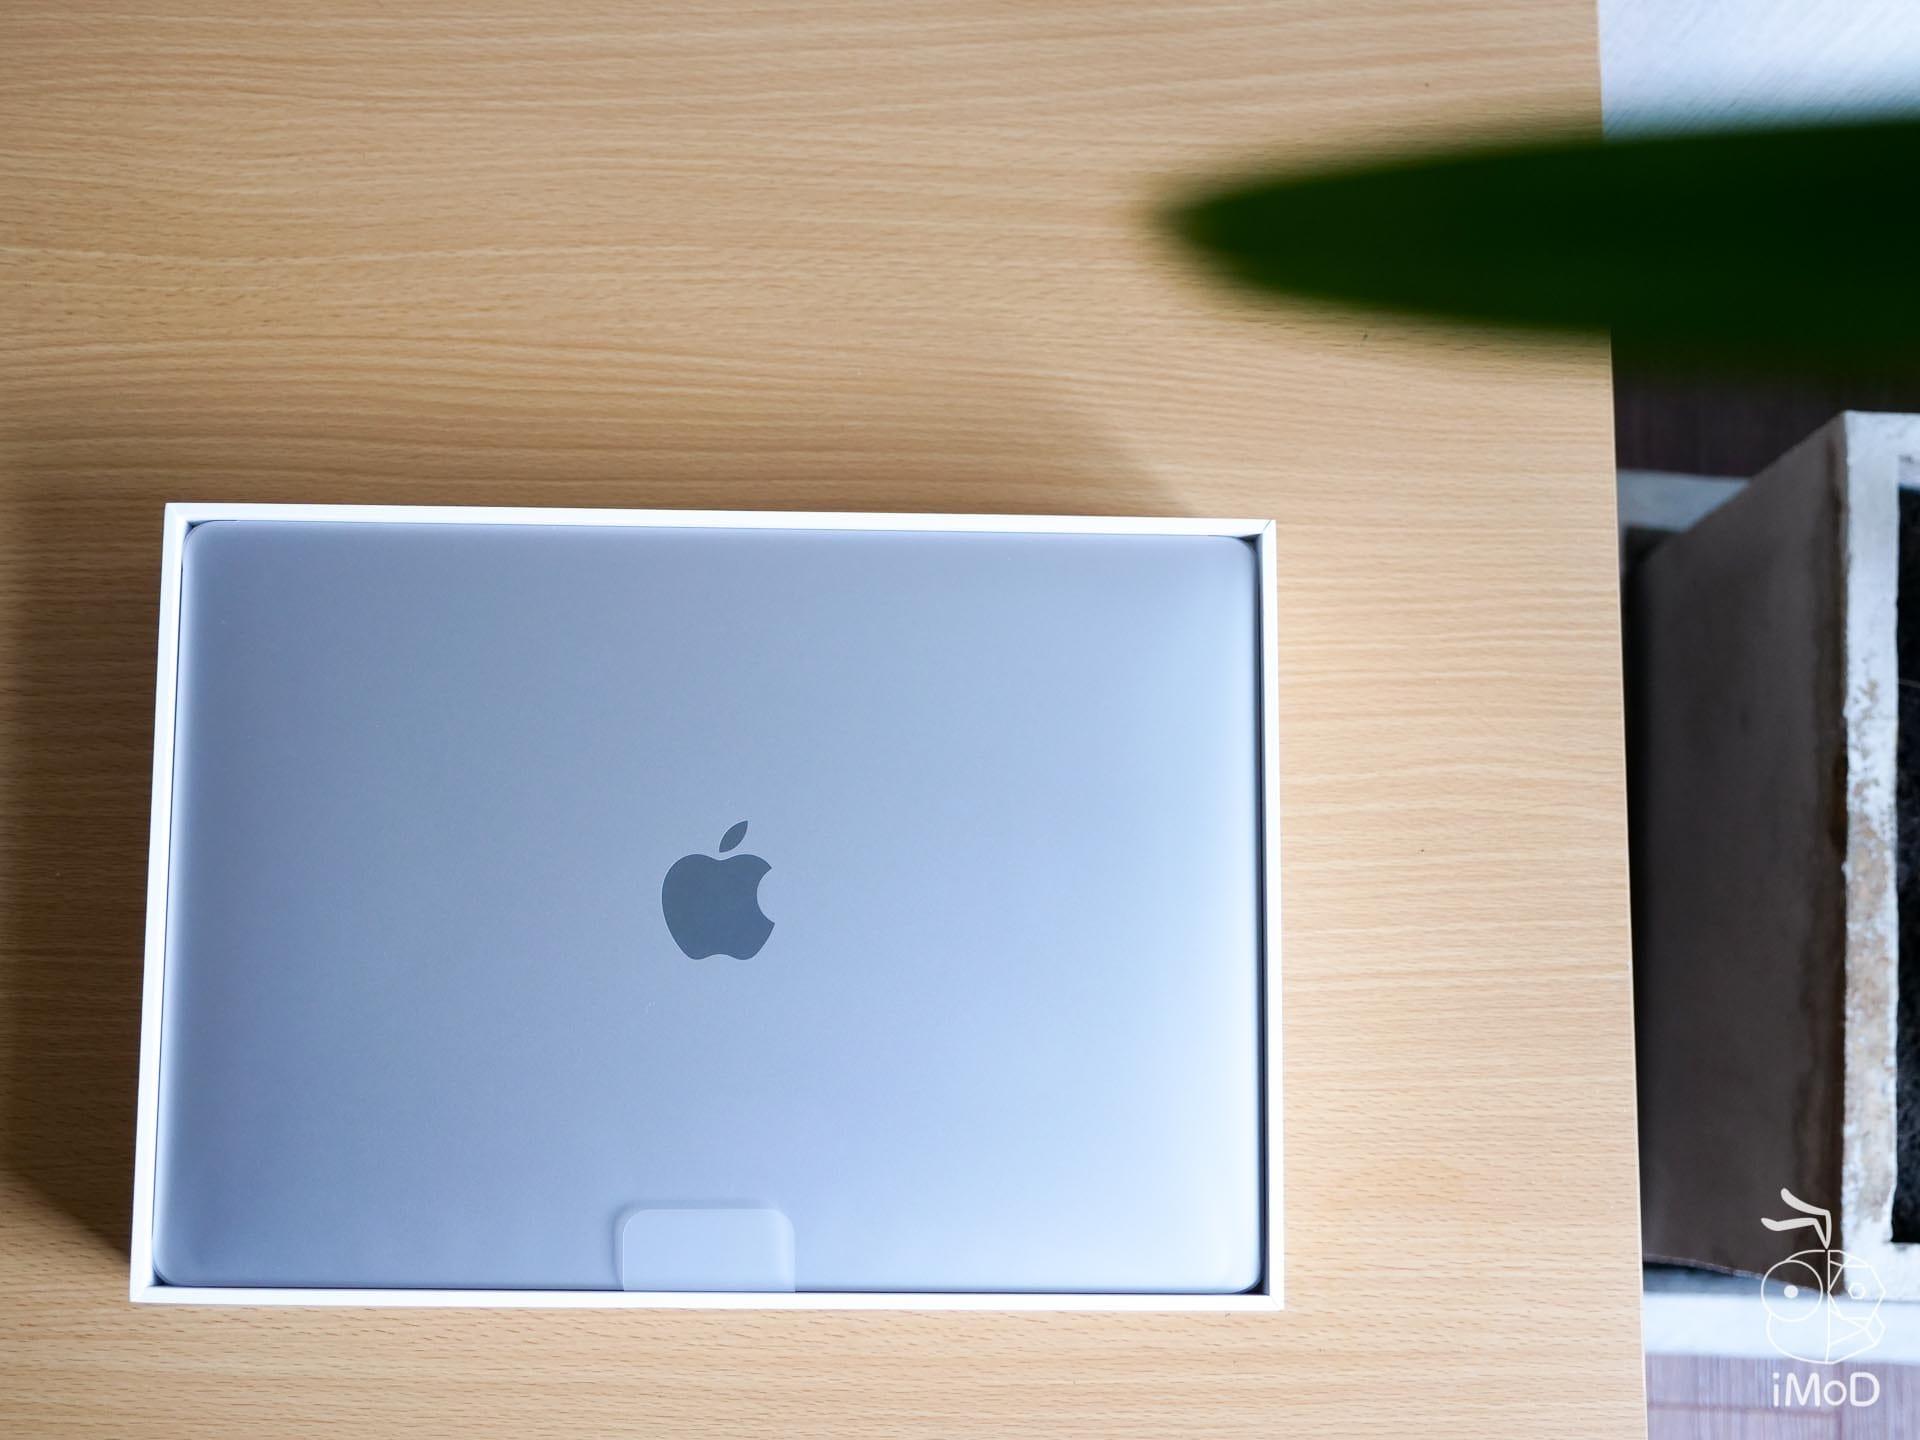 Macbook Air 2108 Review 1222760